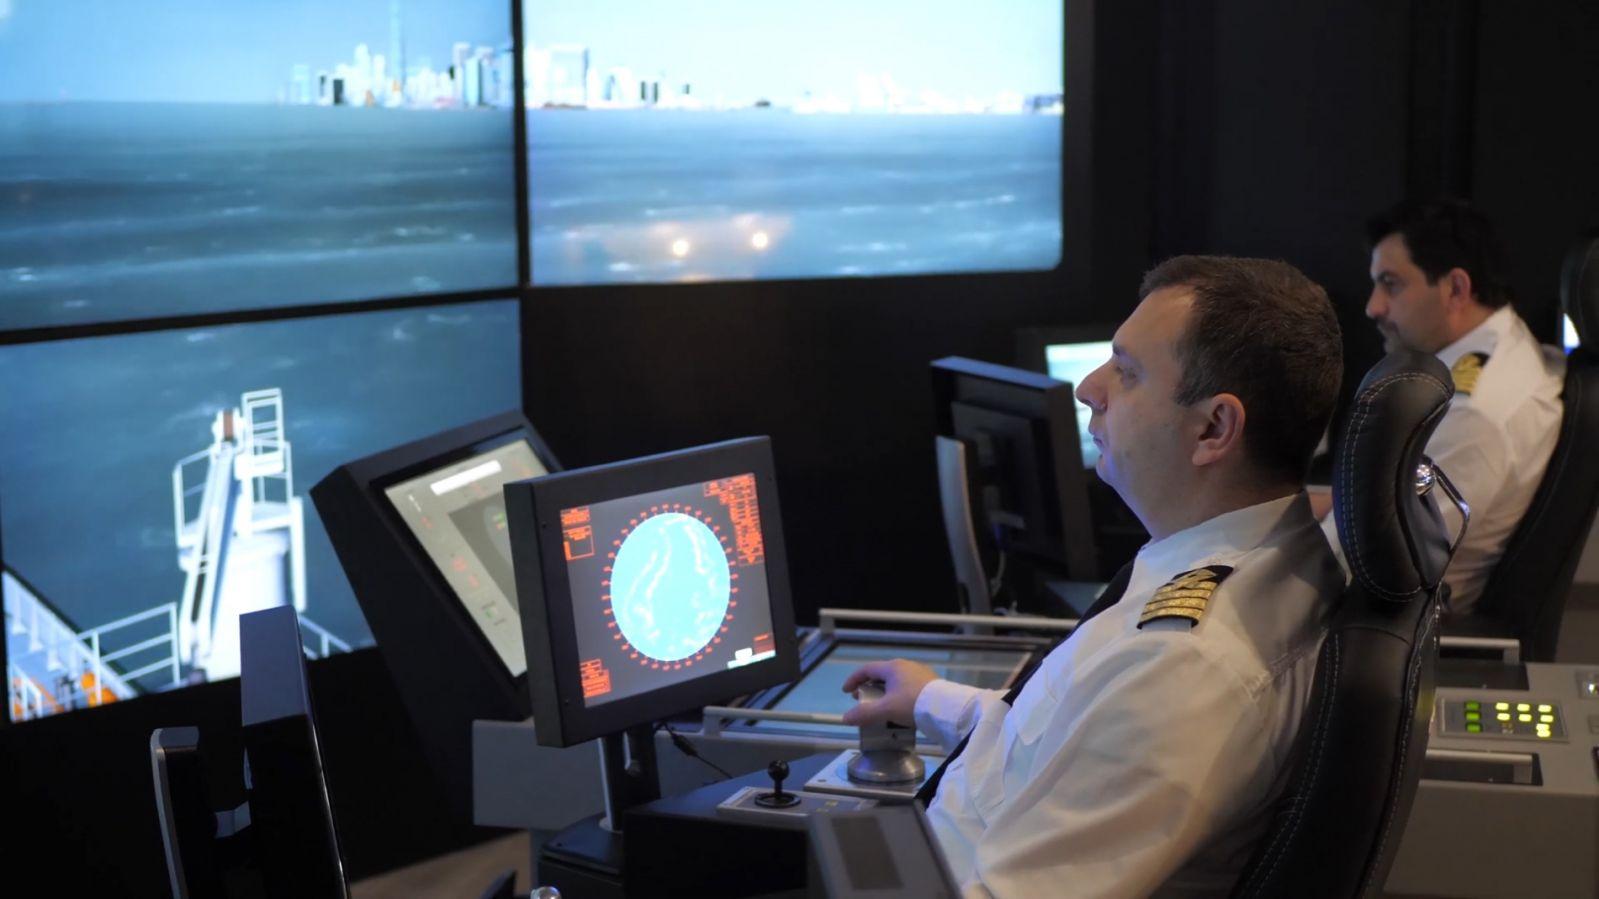 ТУ – Варна участва в международният проект DERIN заедно с лидерите в морската индустрия Kongsberg и Wartsila